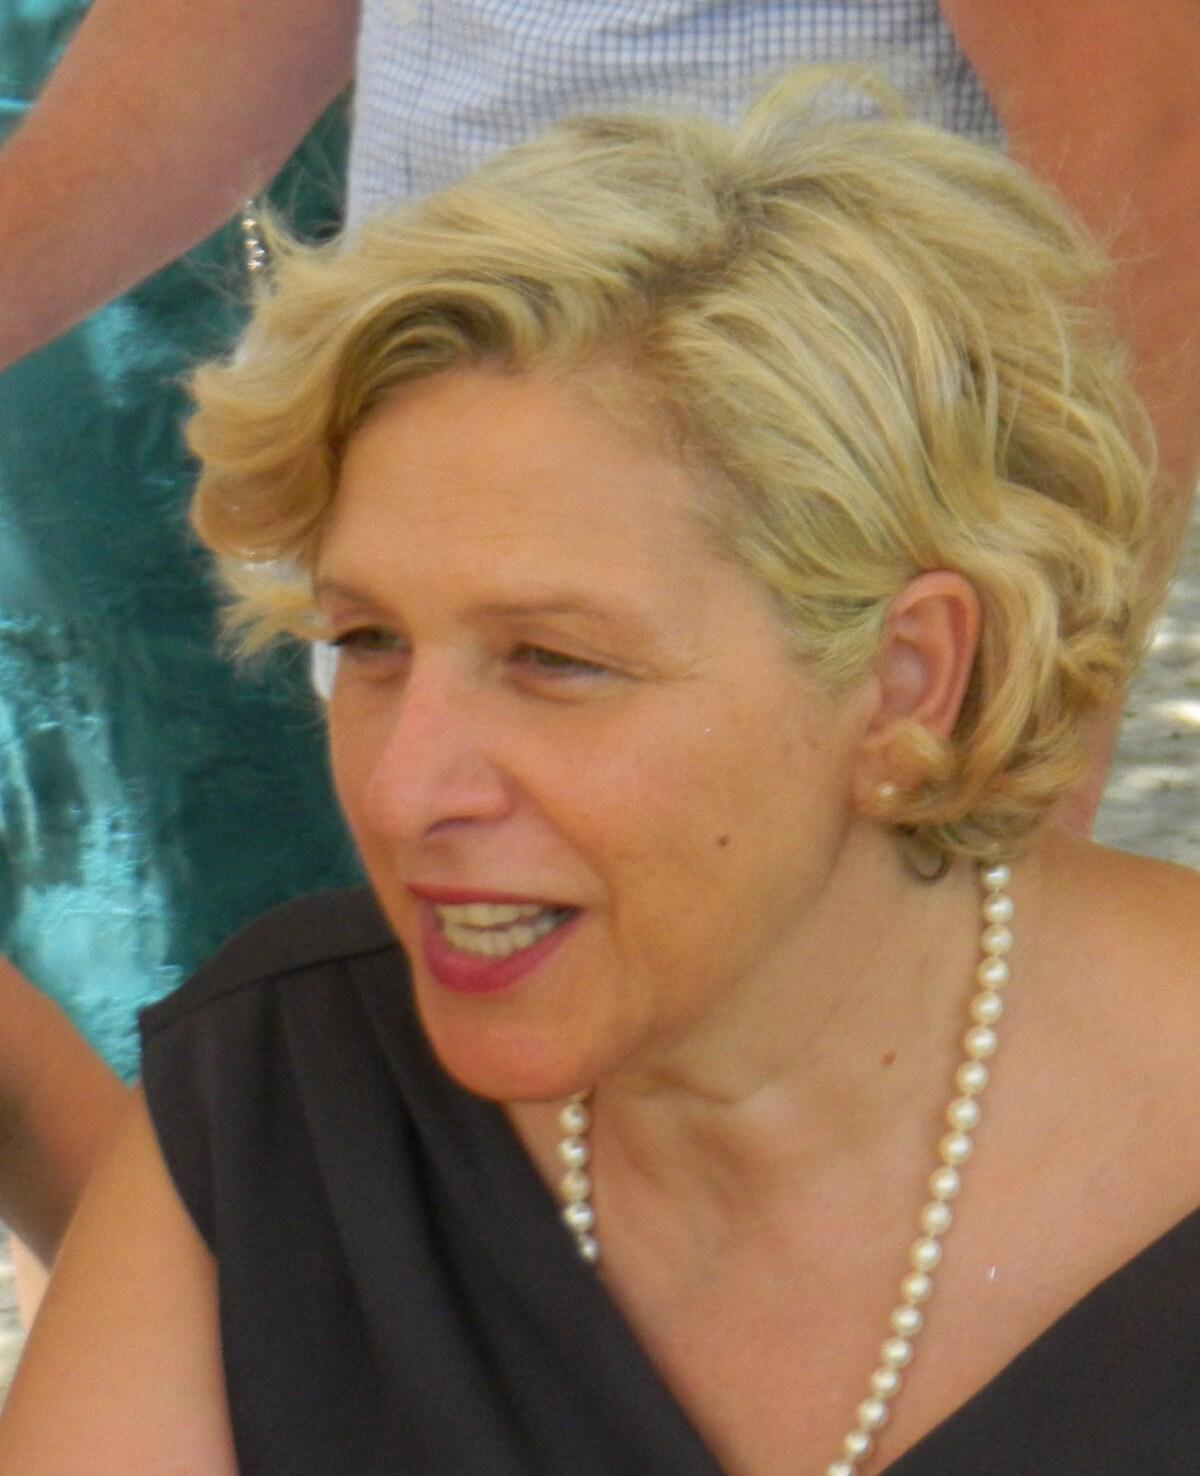 Marina from Nocciano